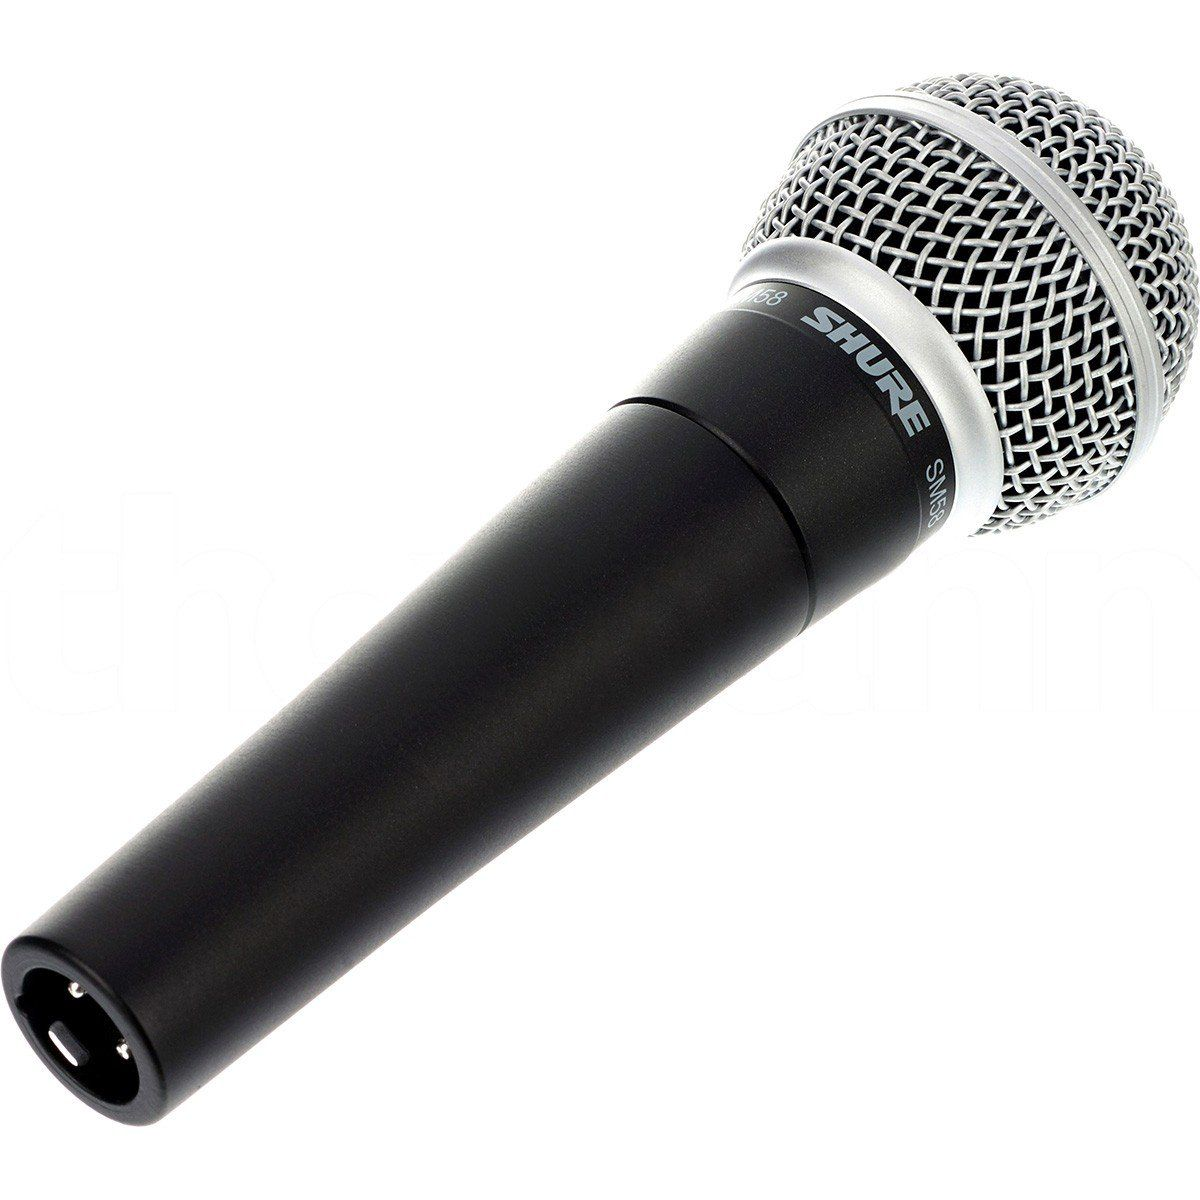 Shure SM58 X2U Microfone Cardioide Shure SM58-X2U para Vocais e Gravação em Estúdio